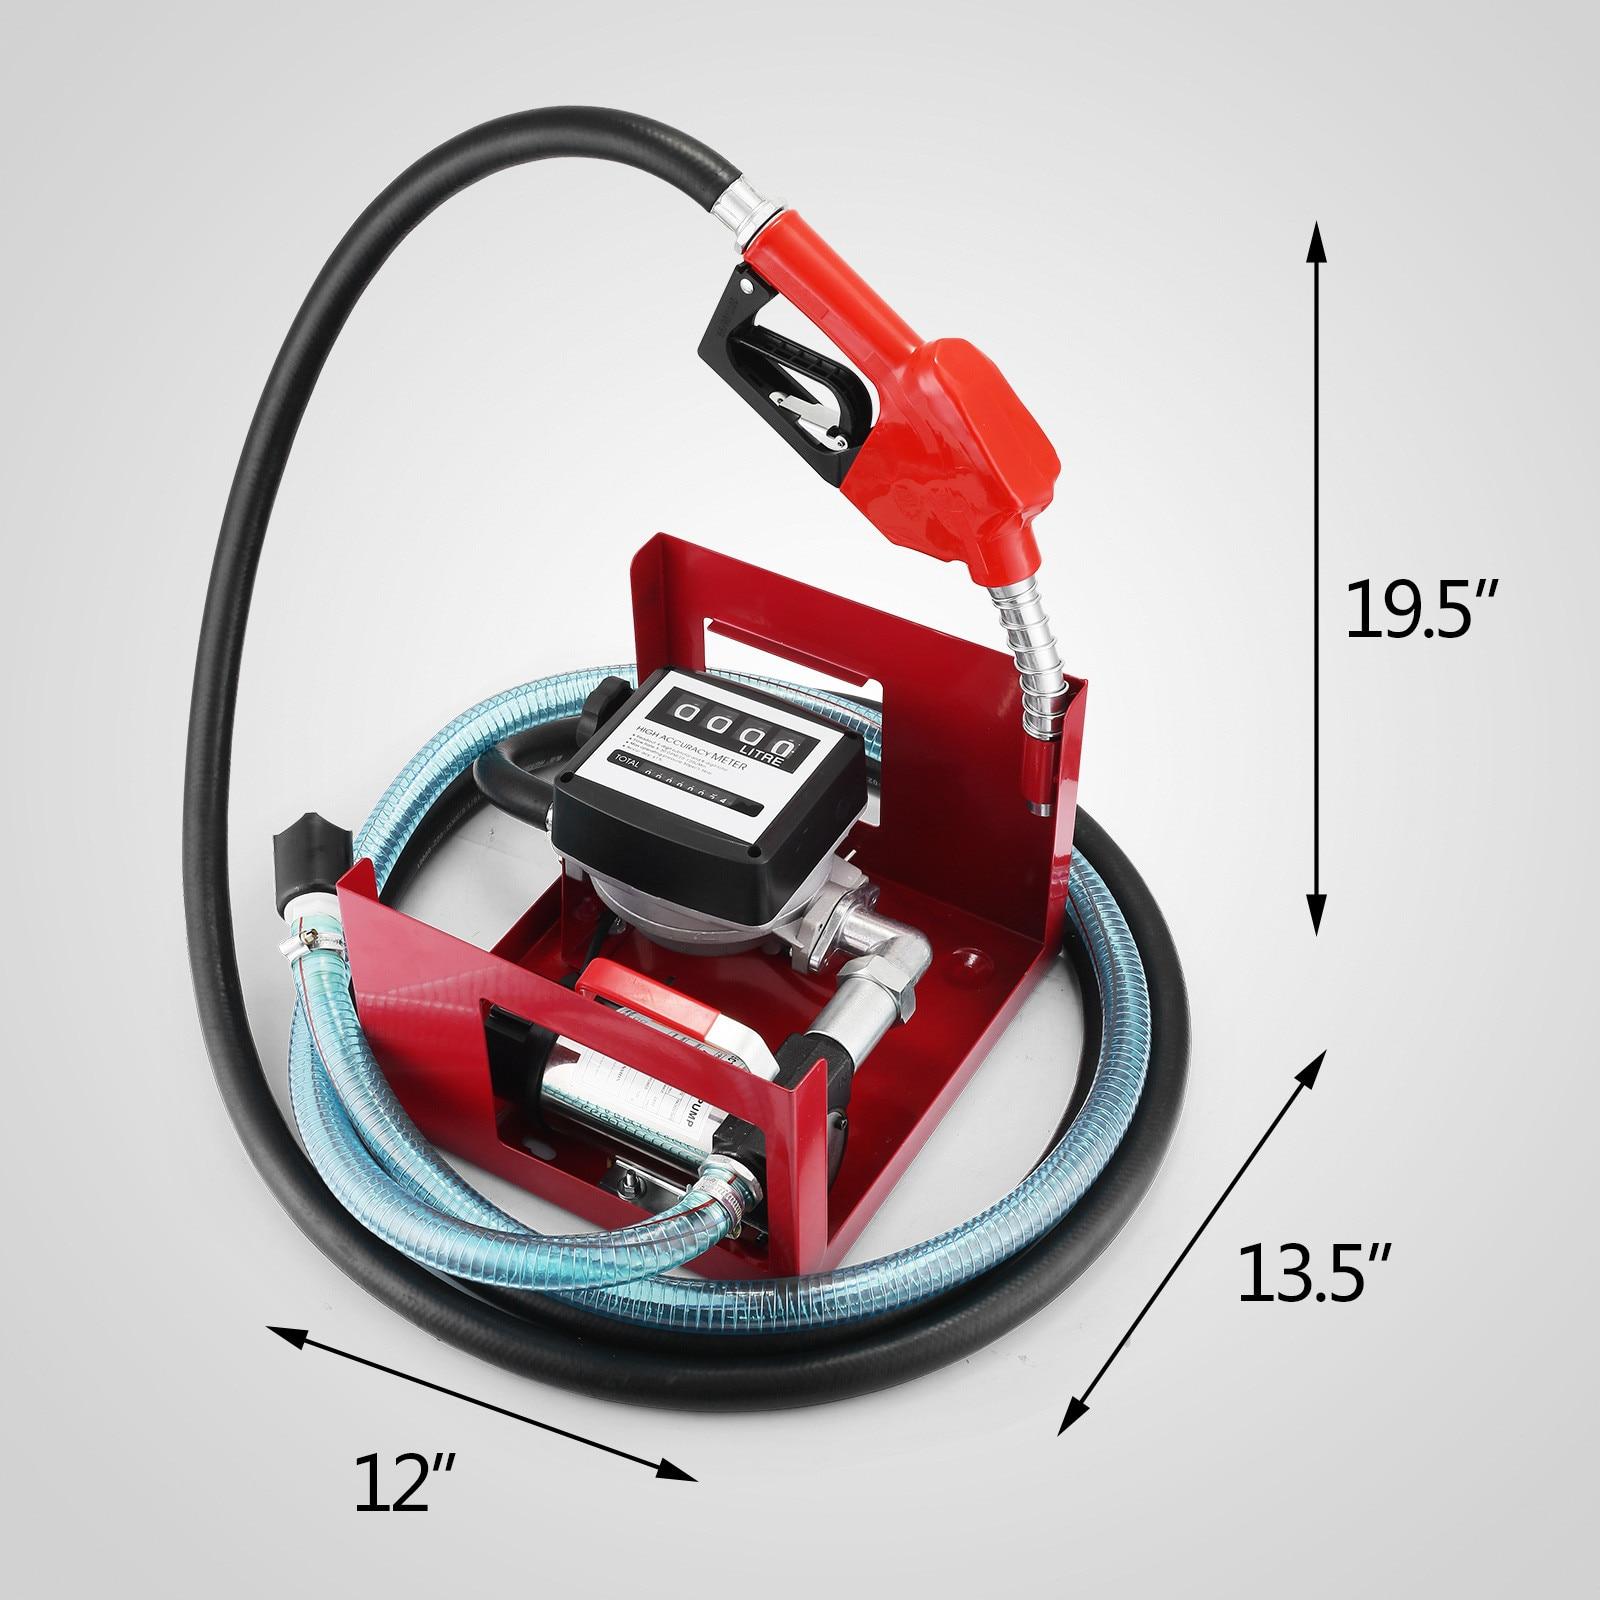 H/D auto cebado bomba de aceite eléctrico transferencia Bio Fuel aceite diésel 230v 40L/Min nuevo - 2